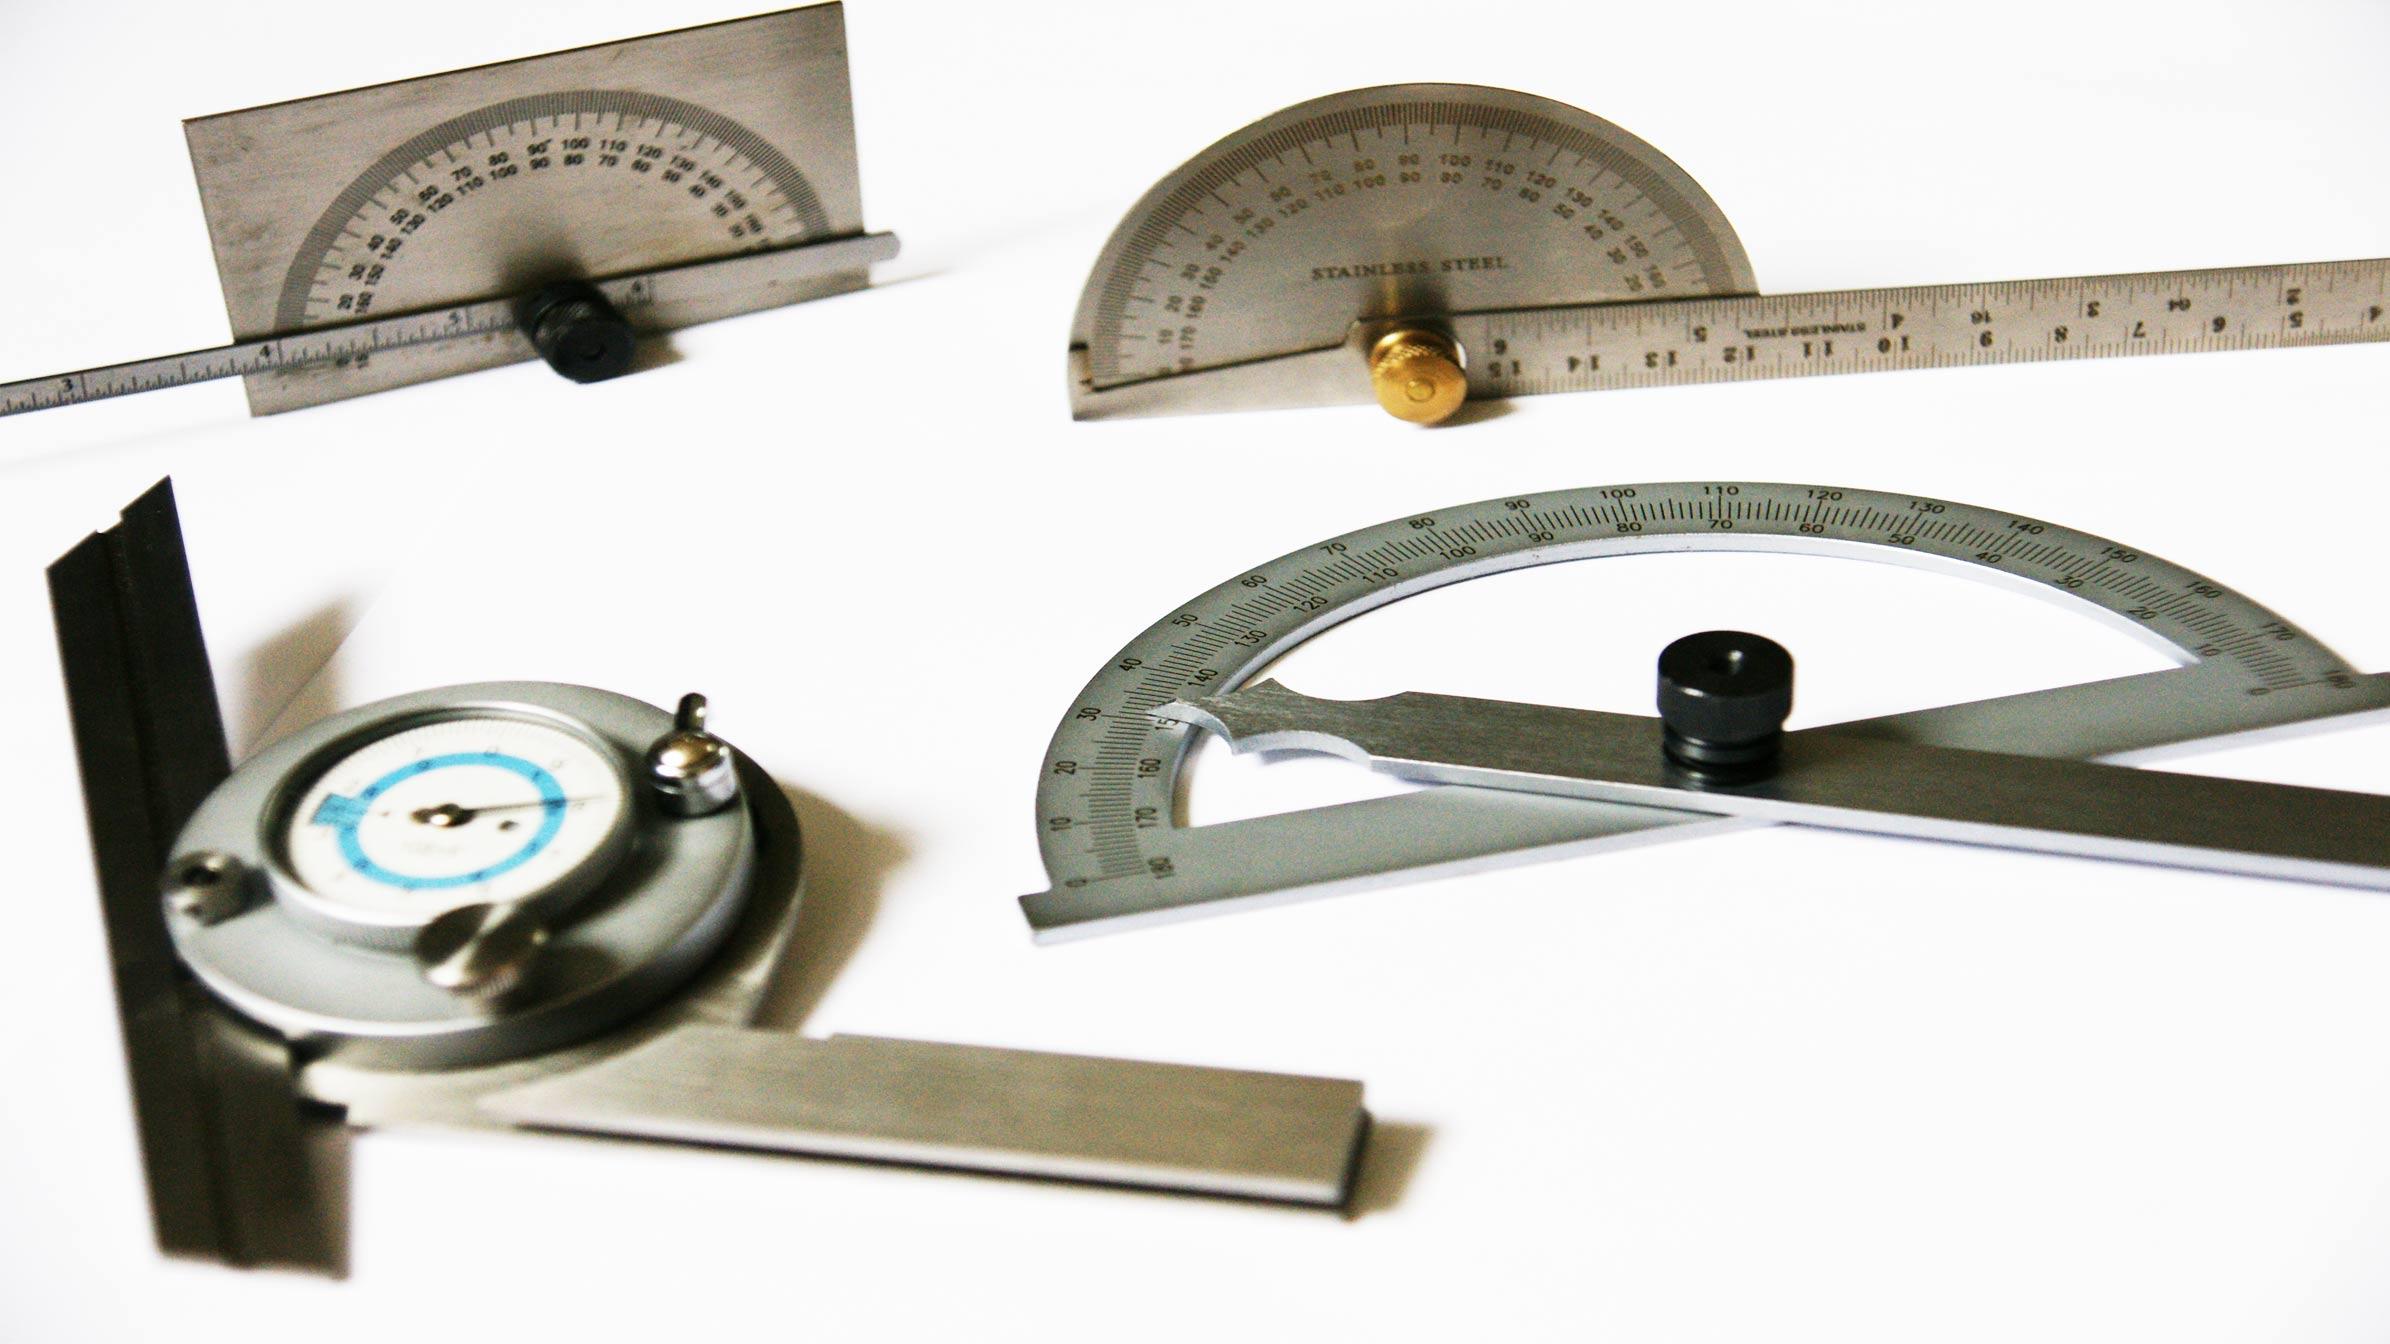 Winkelmesser, Gradmesser und Neugungsmesser, Aufbau und Informationen.